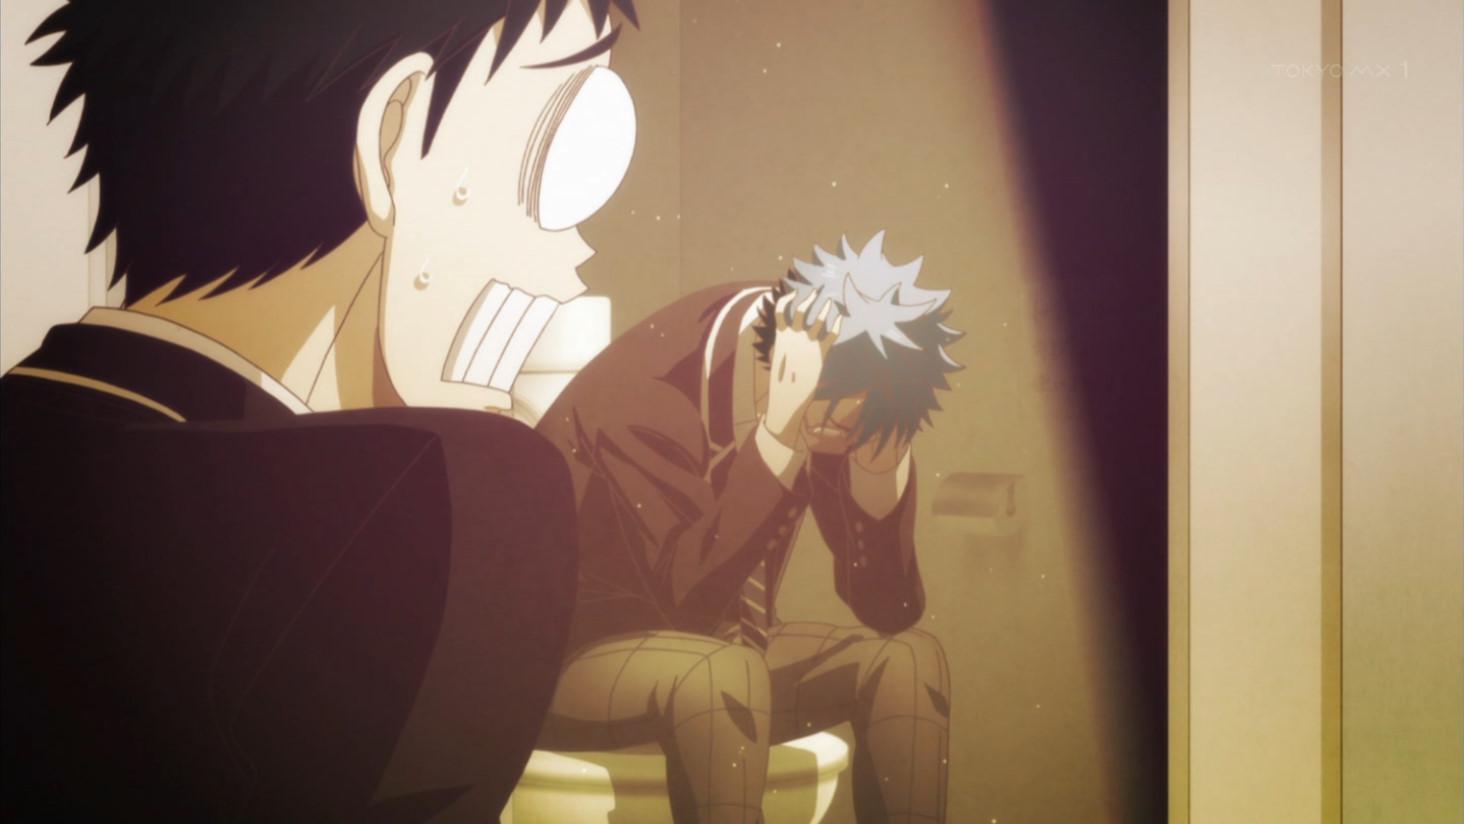 てめぇもかよ! #yamajo #yamajo_anime #やまじょ #tokyomx http://t.co/TQlv9BkYaD